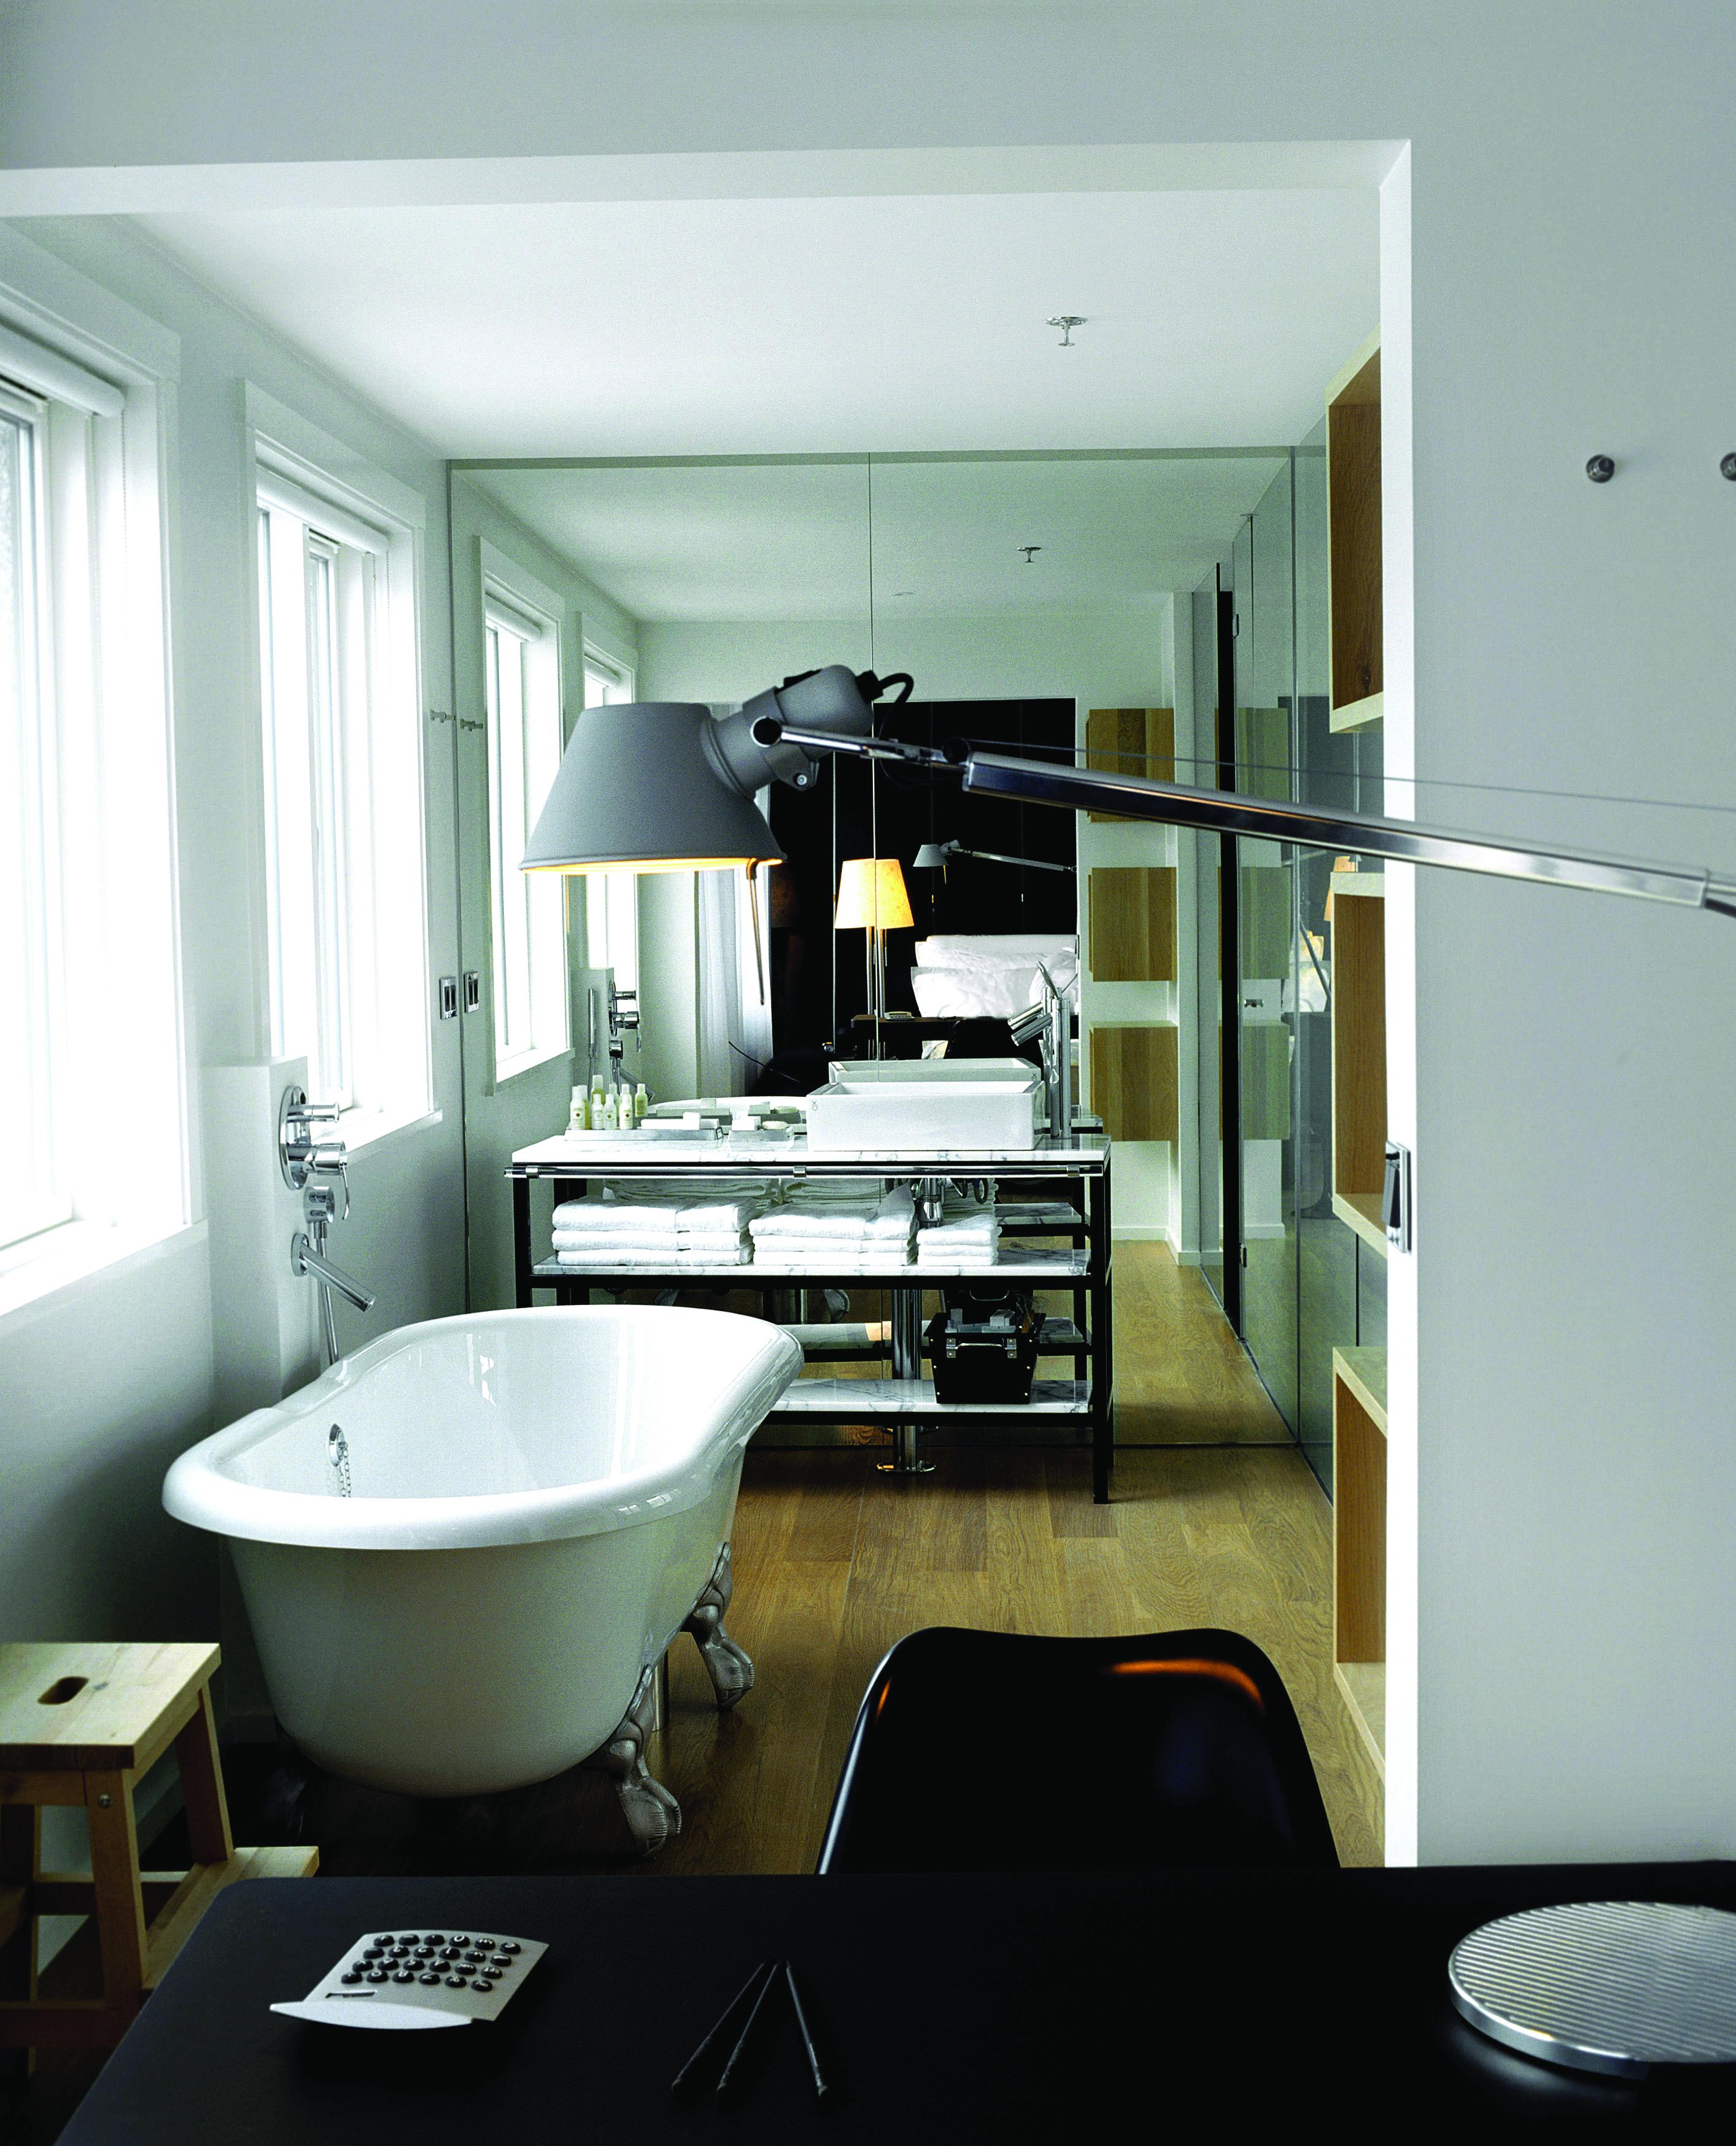 Winter travel guide 2016 home table magazine for Design hotel 101 split